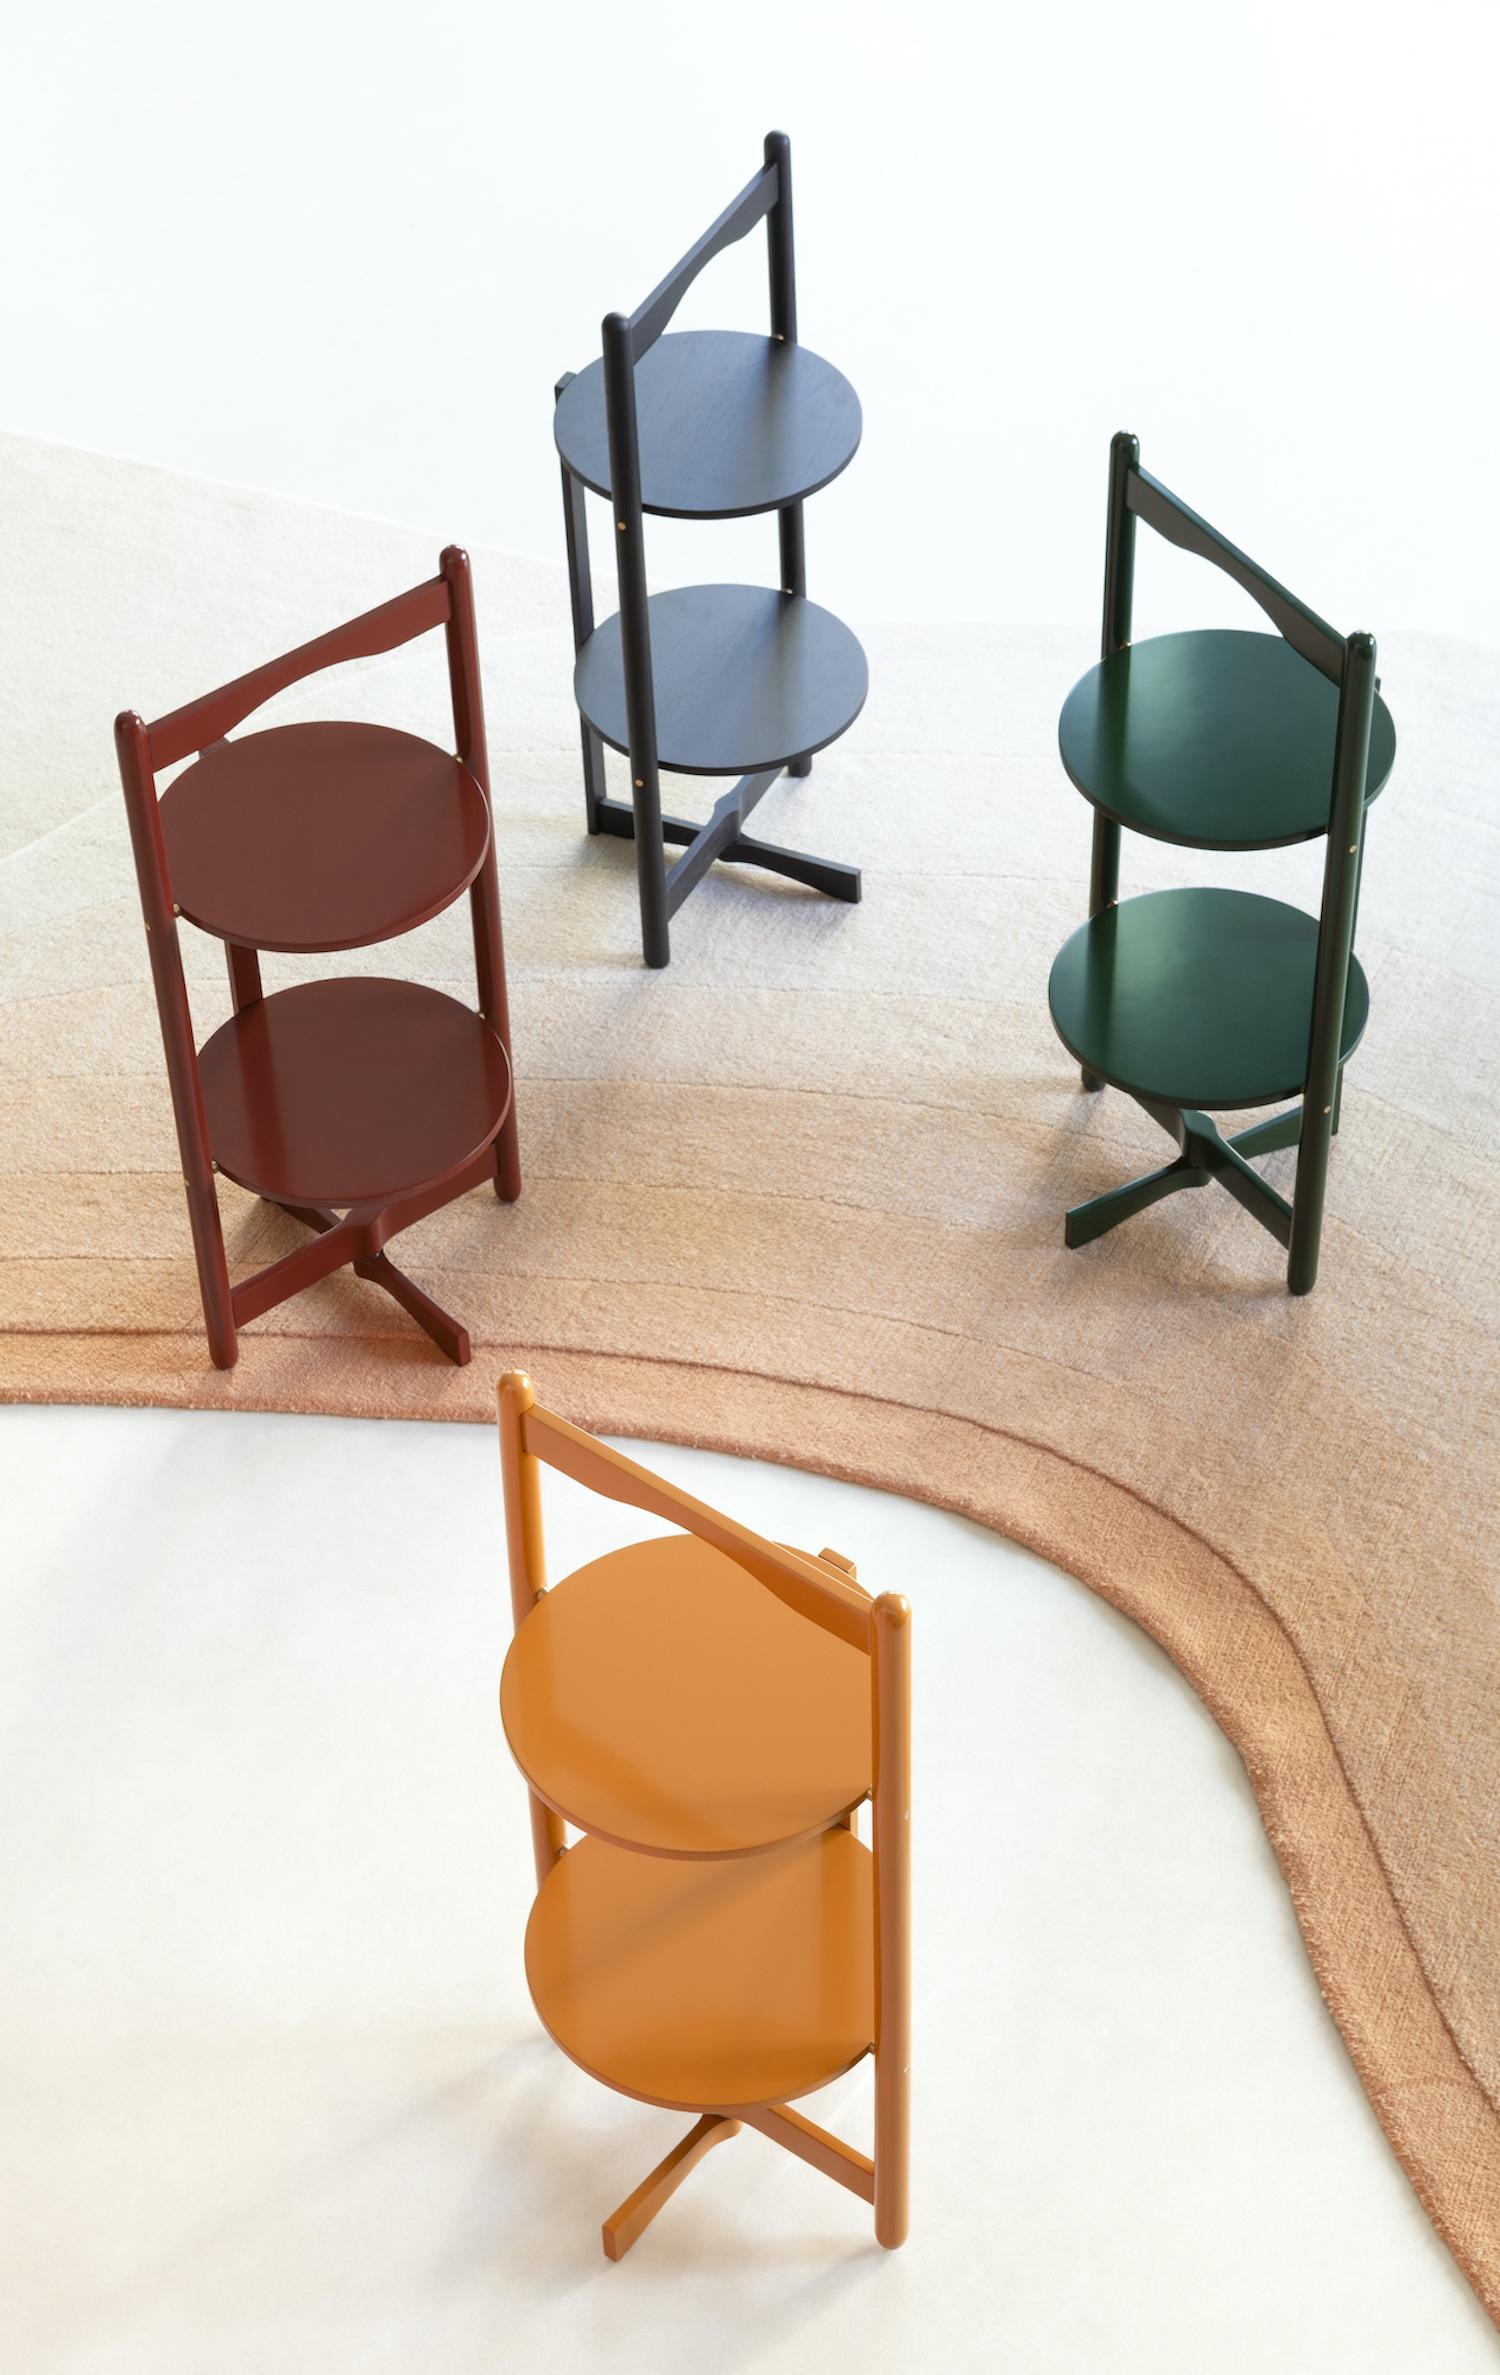 Acerbis Remastered Collection Milan Design Week 2021 est living 3